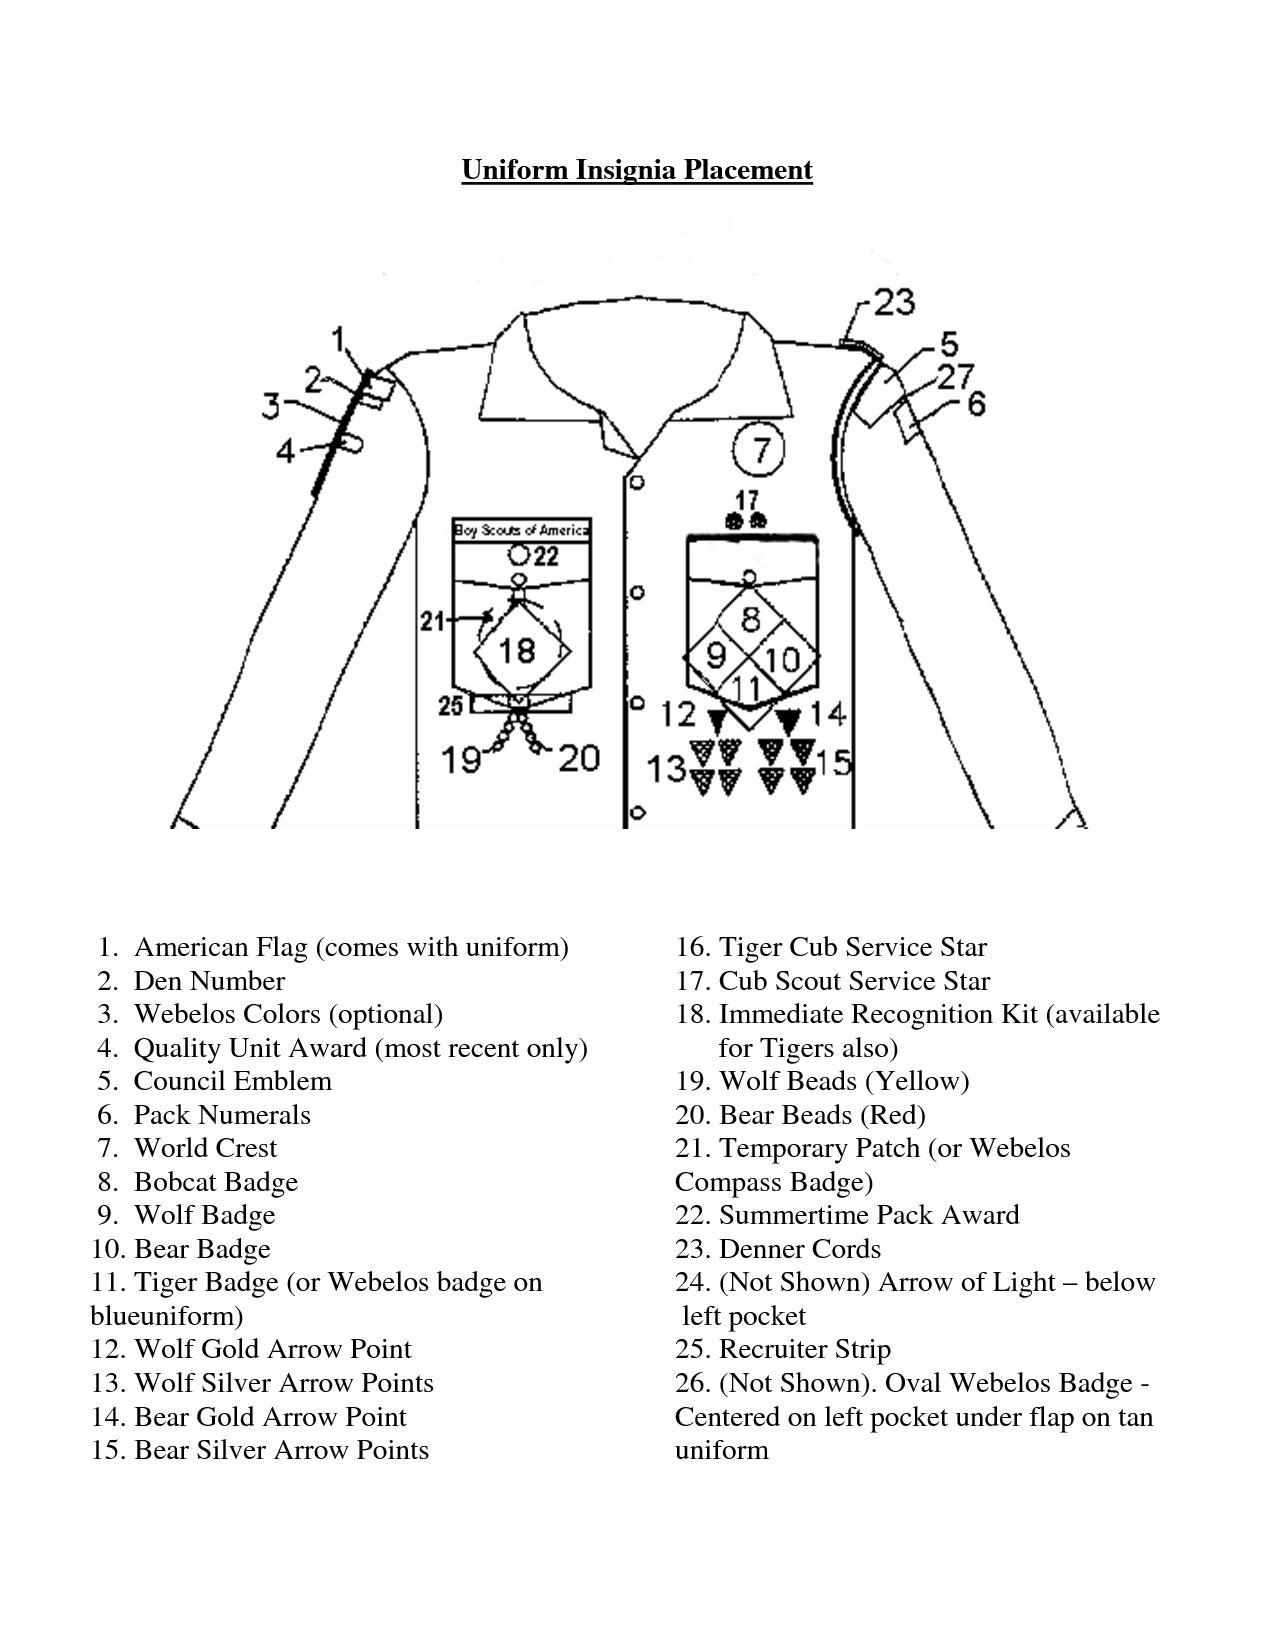 Tiger Cub Scout Uniform Patch Placement Uniform Insignia Placement